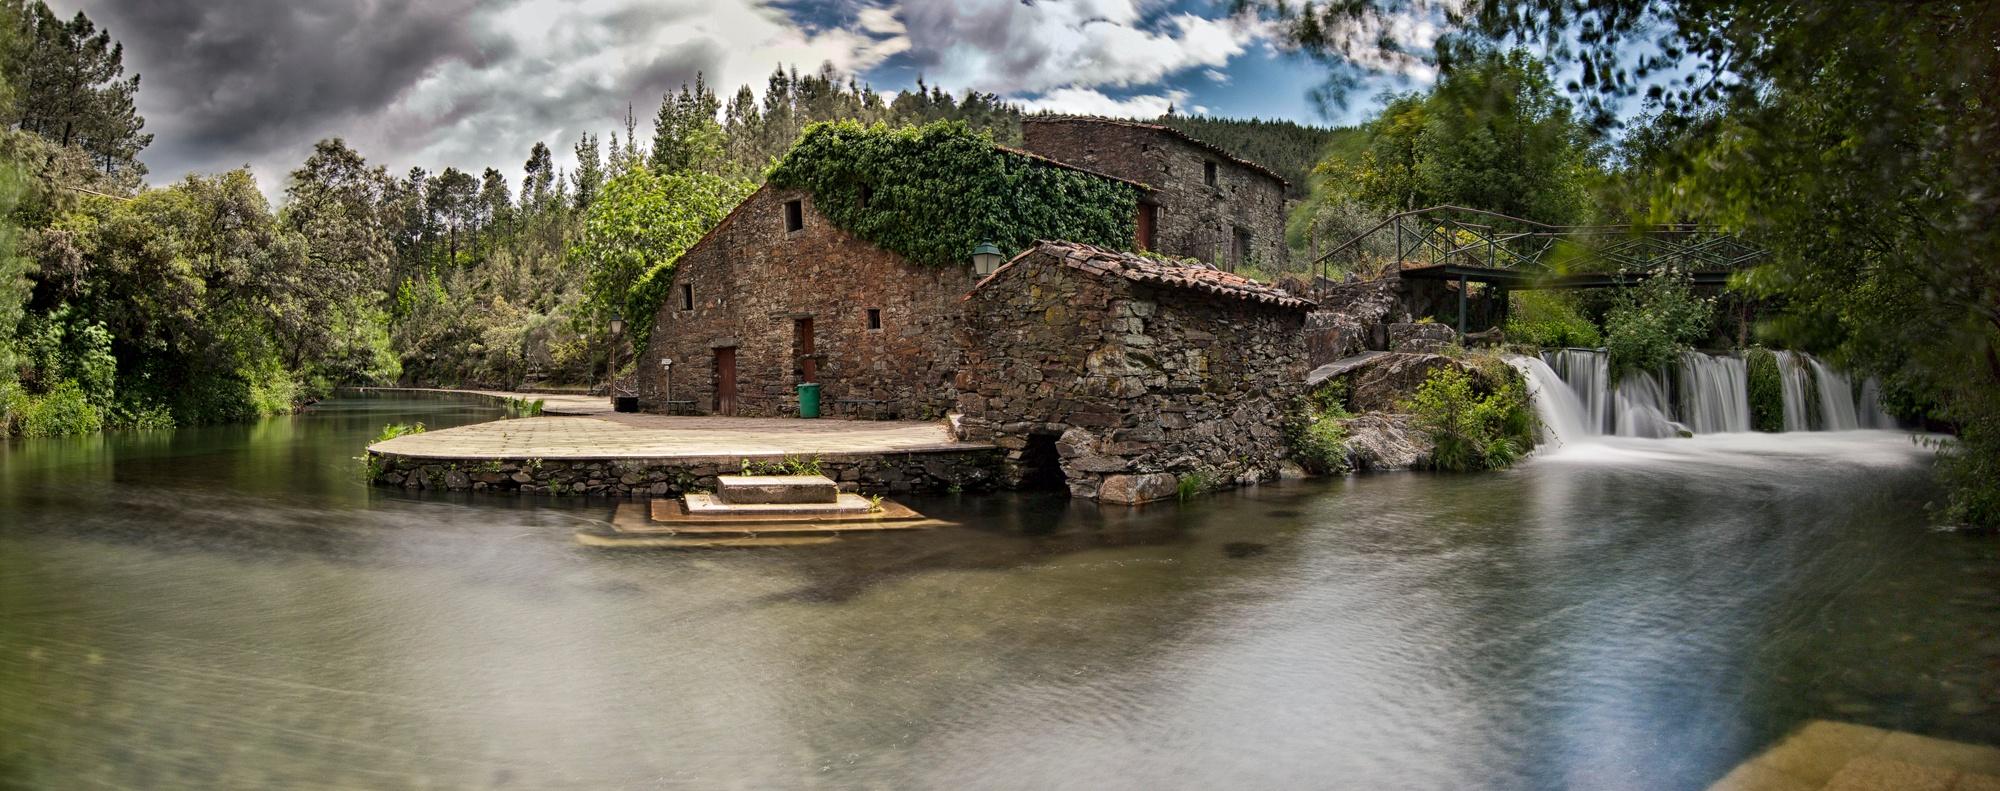 Photo in Rural #rural #água #cascata #pedra #casas #árvores #praia #viagem